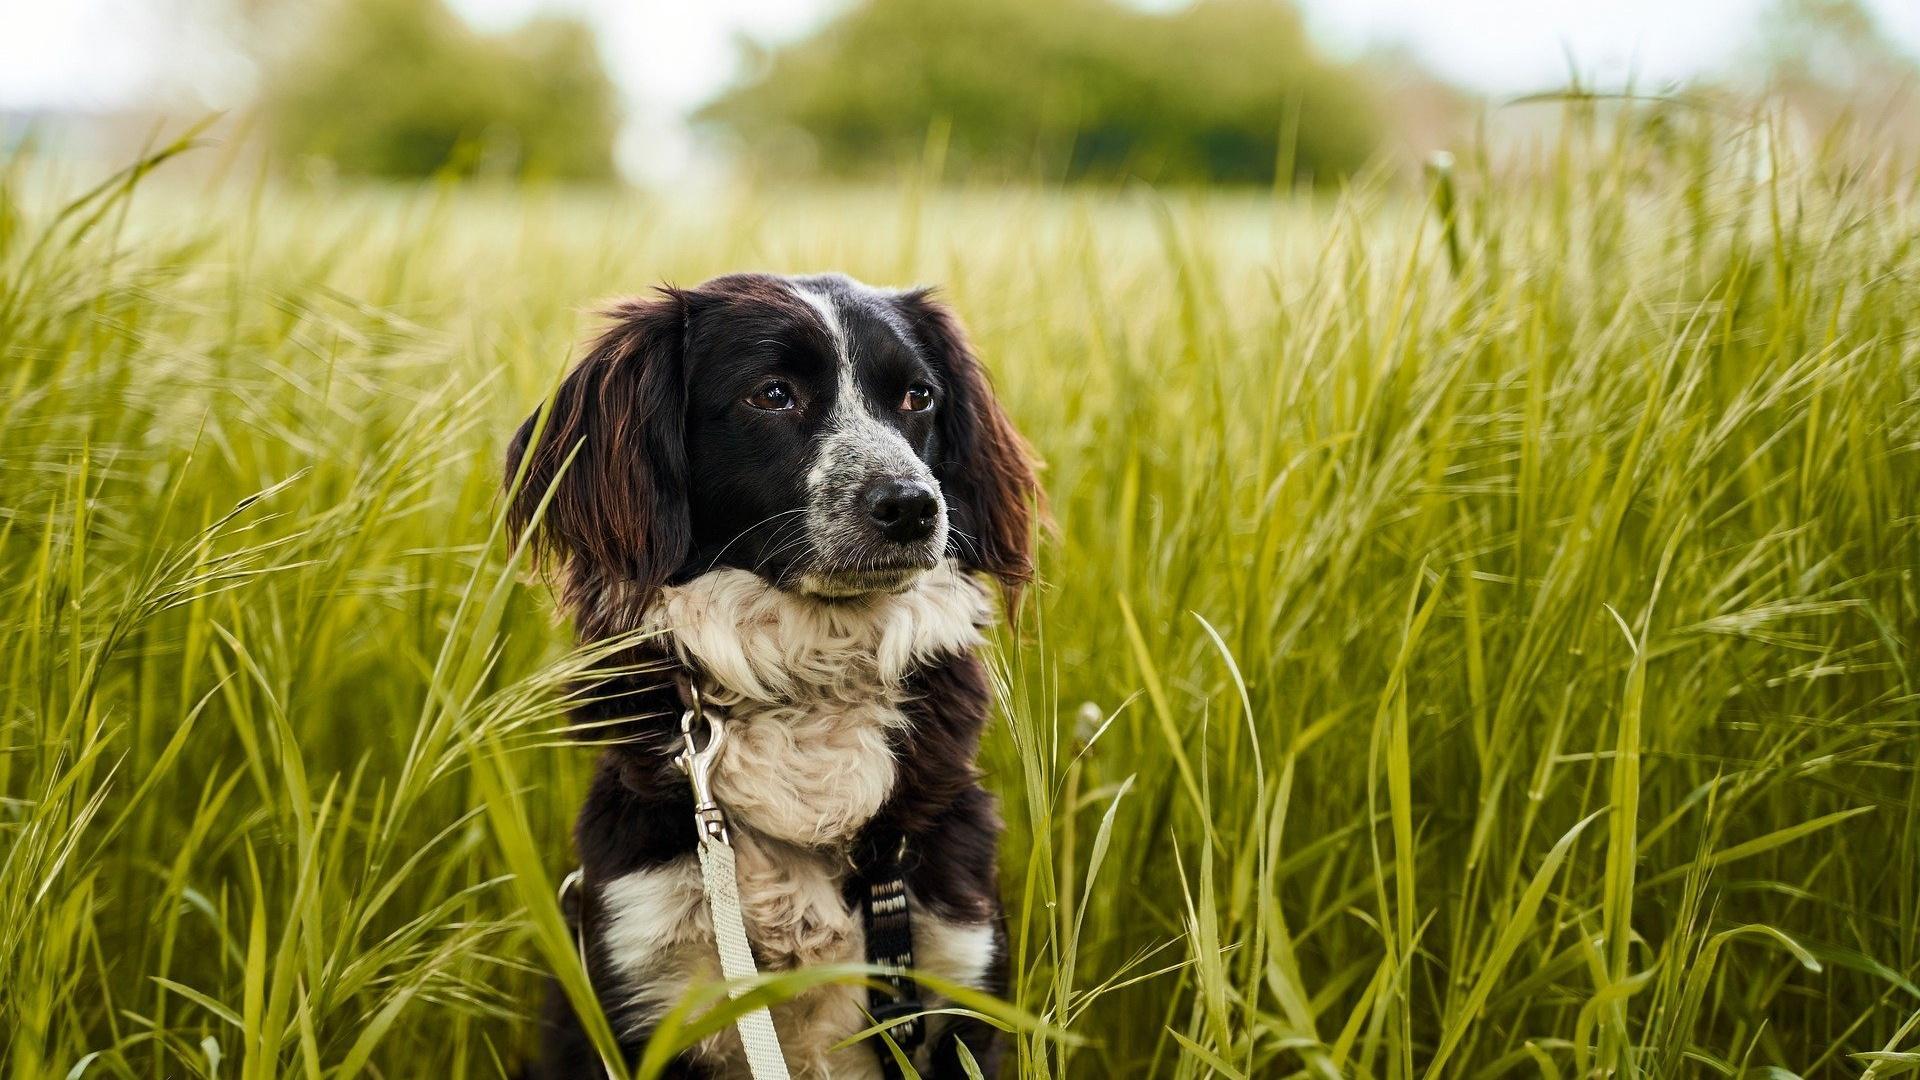 Pollenallergie bei Hunden äußert sich meist mit einem starken Juckreiz der Haut.